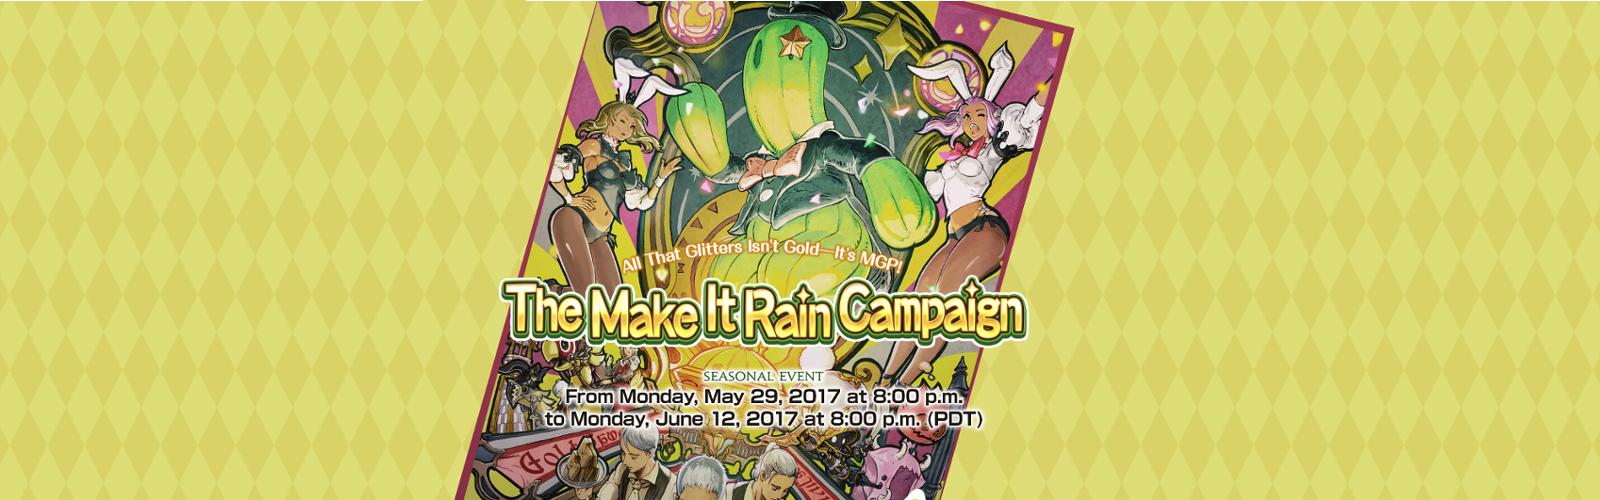 The Make It Rain Campaign – 2017